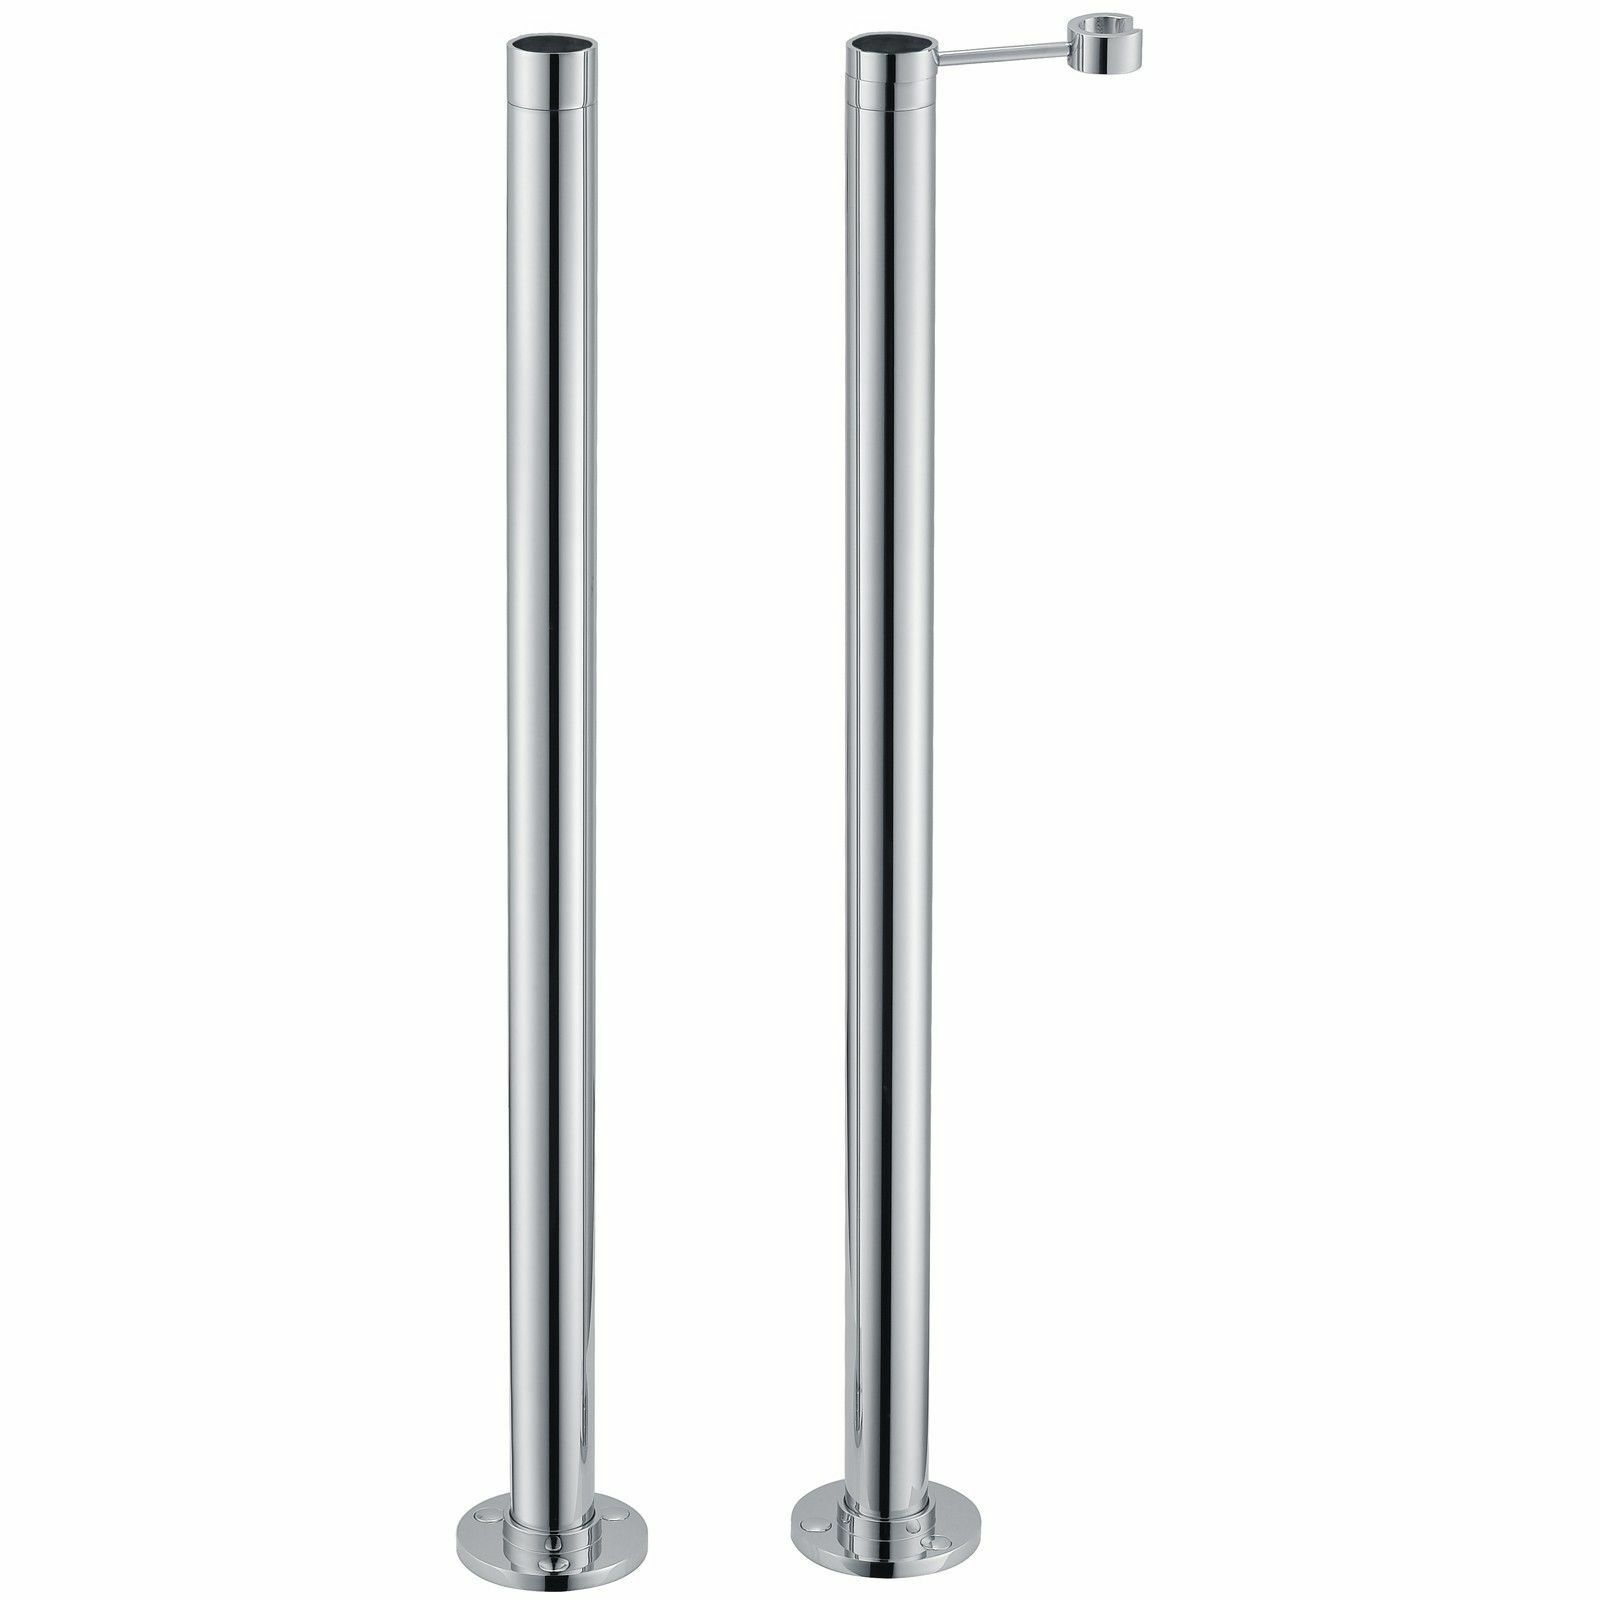 Chrome sur pied moderne salle de bain douche mélangeur robinet robinet robinet tuyau jambes carénages | De Haute Sécurité  026f40